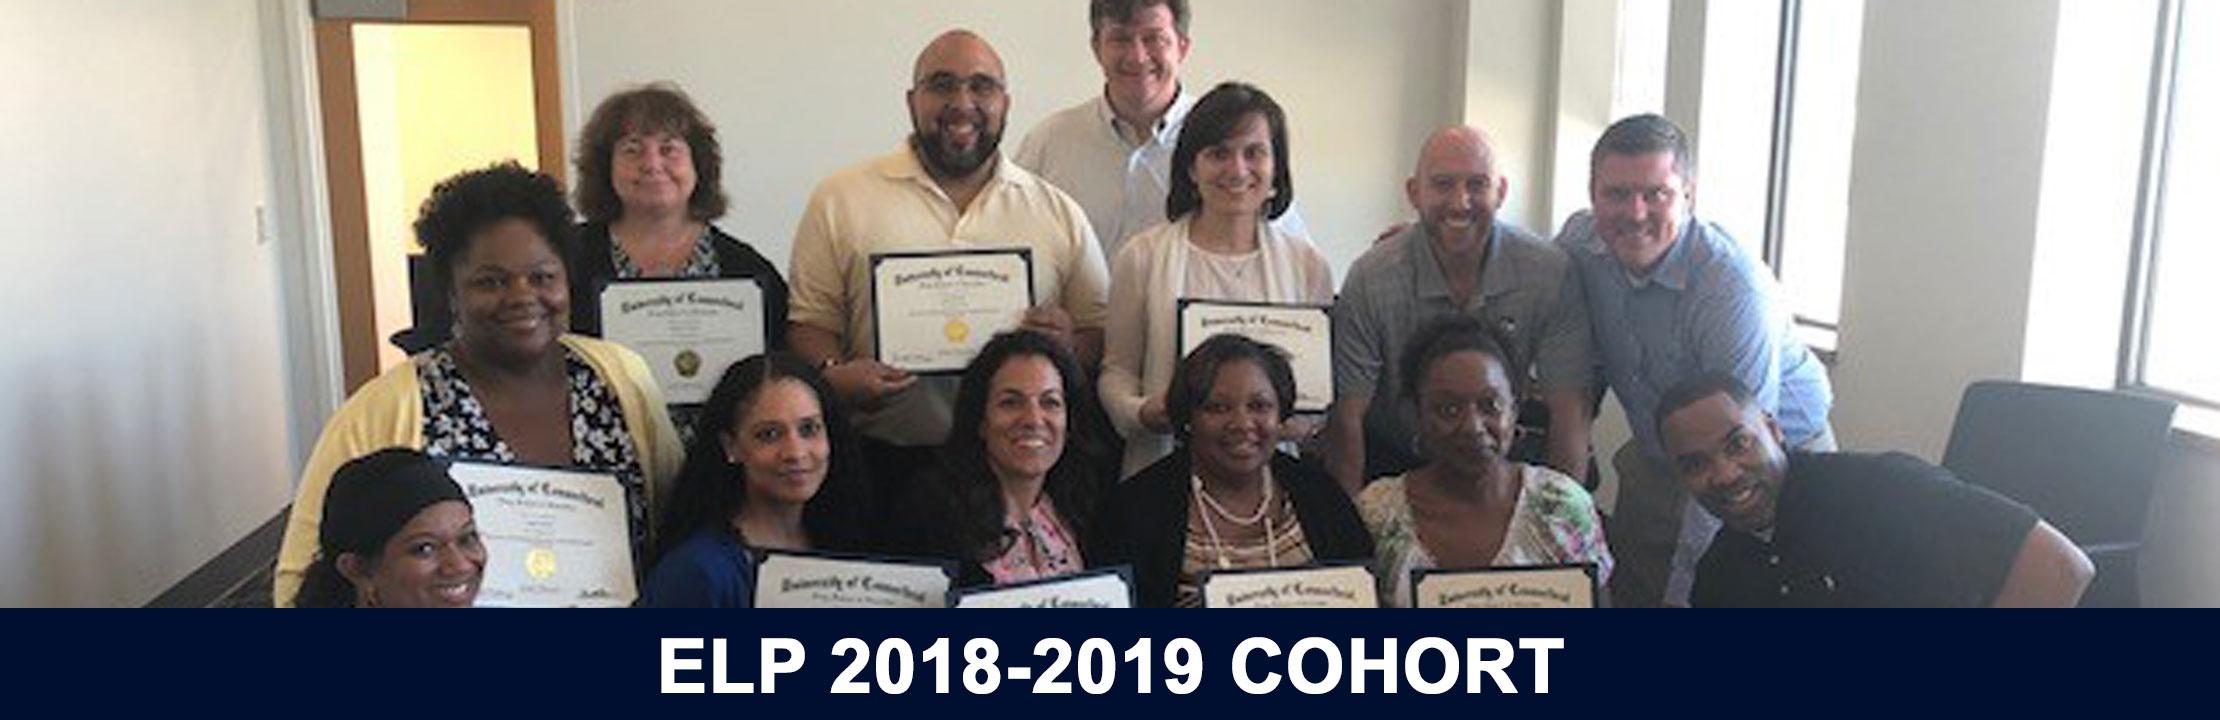 2018-2019 ELP Cohort